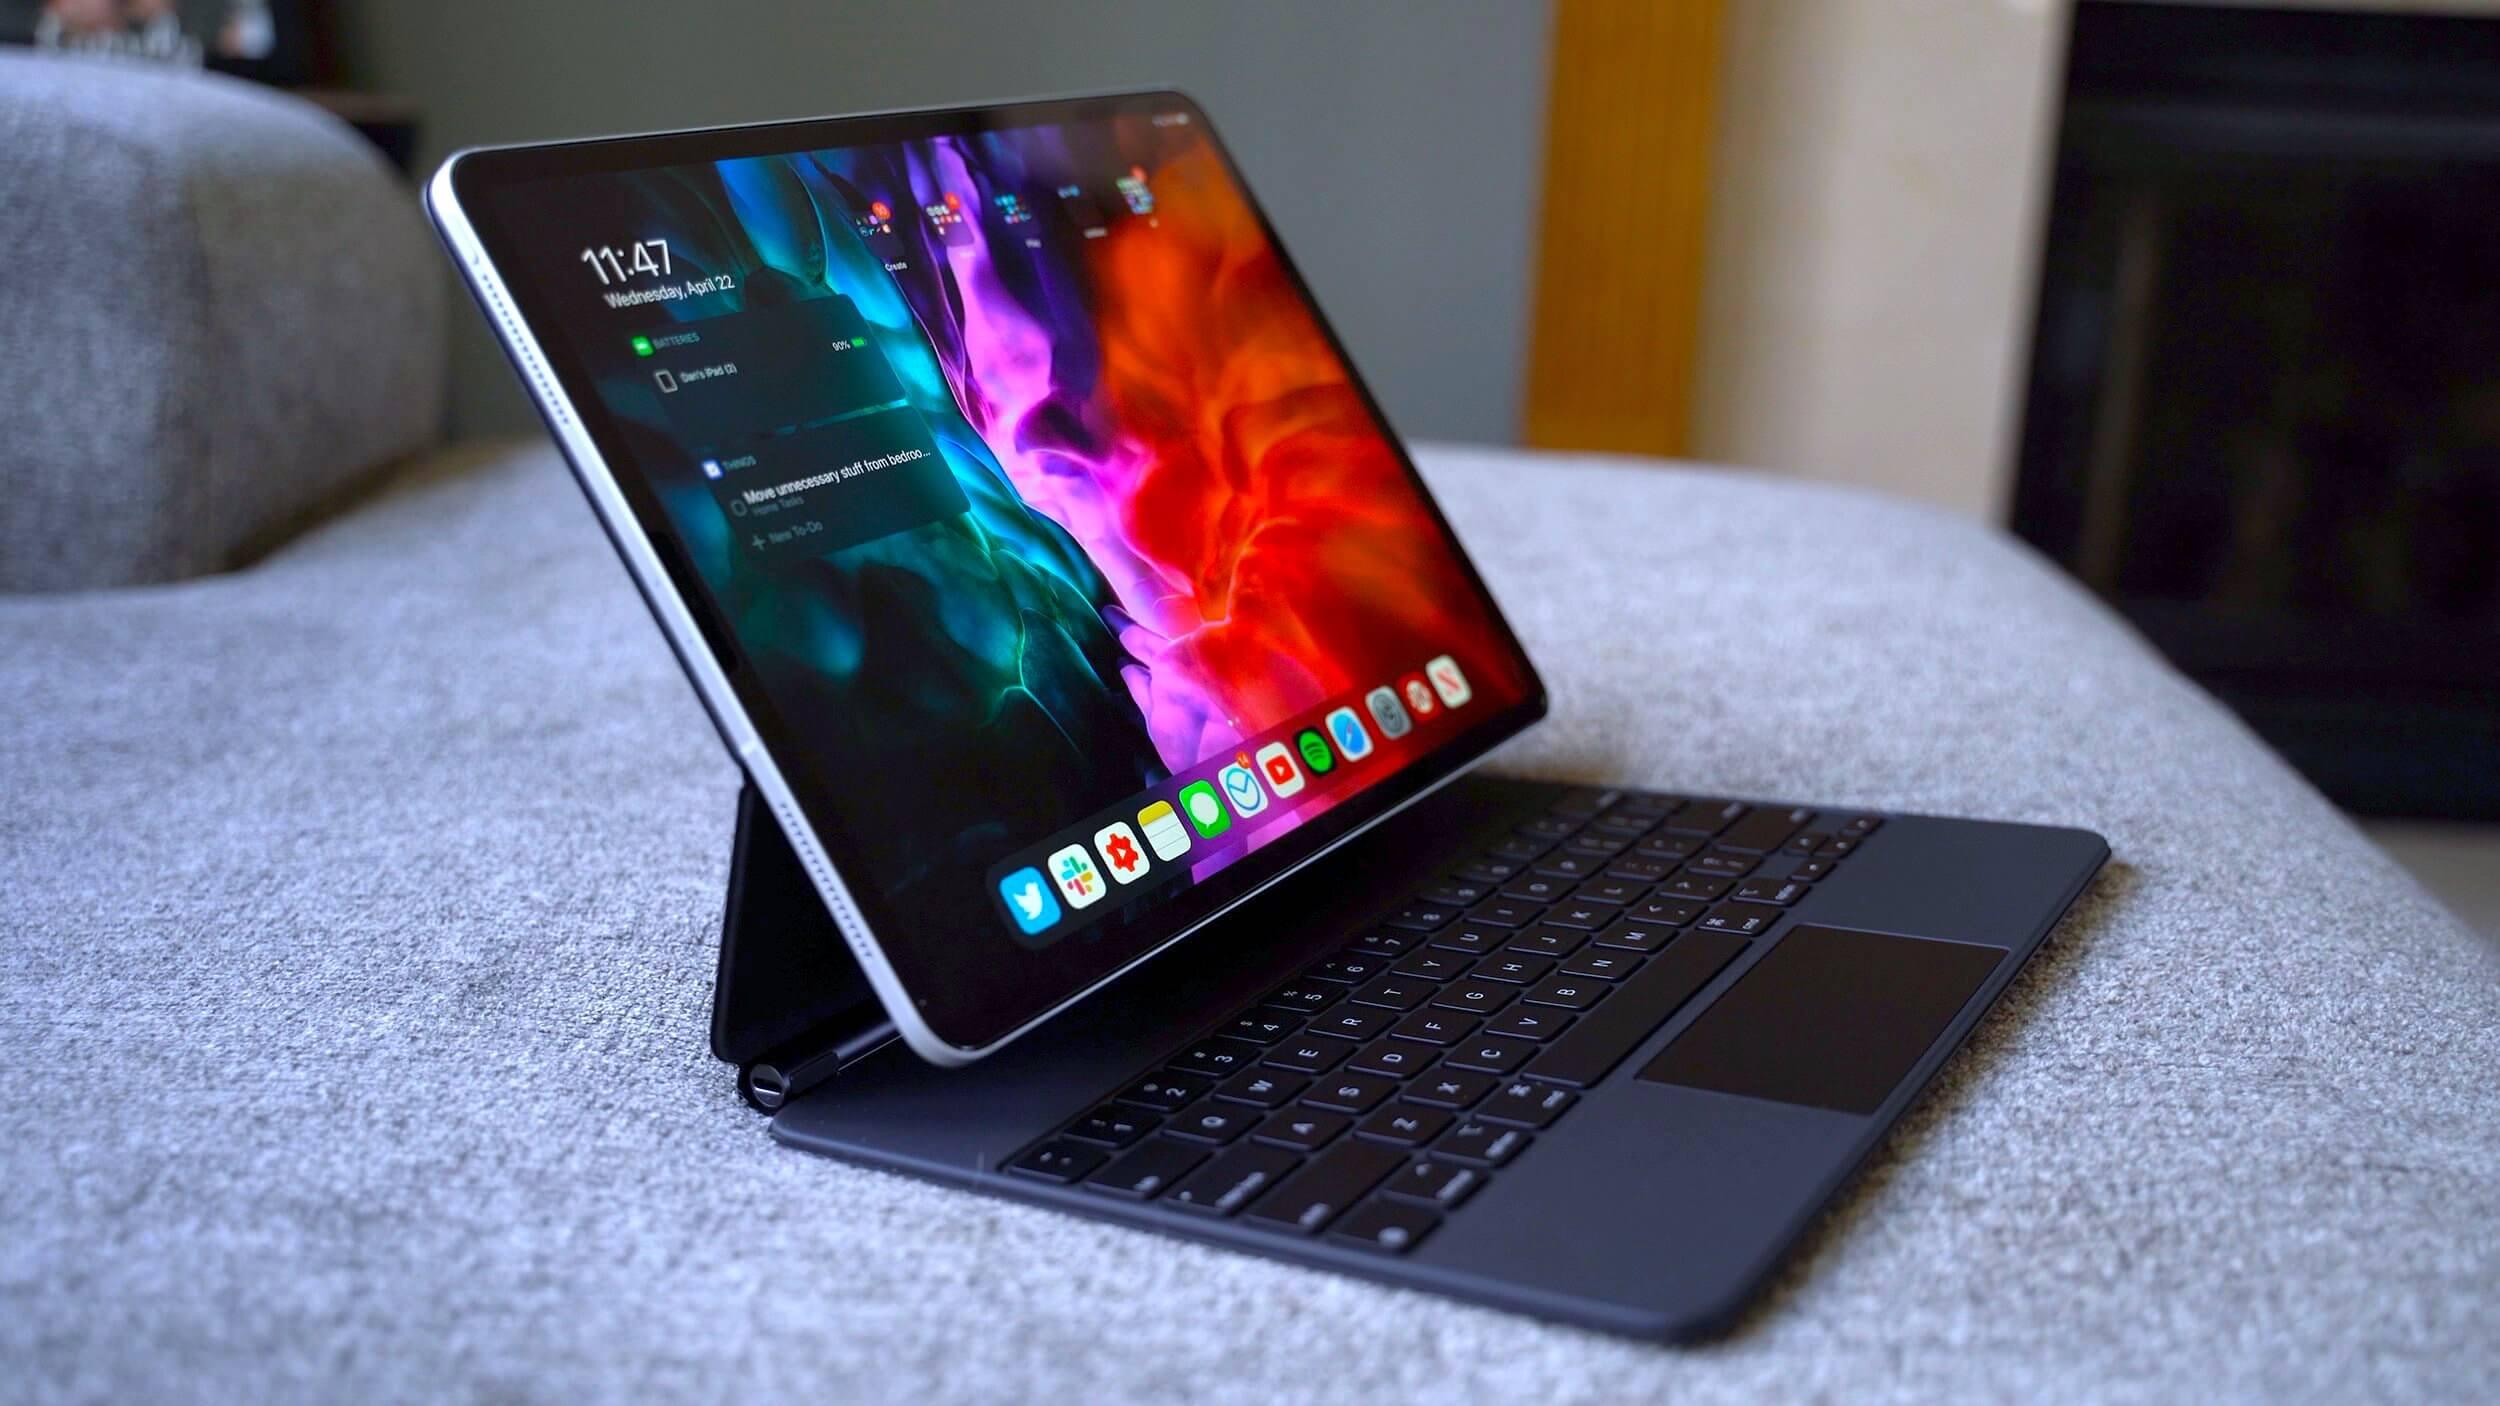 Chủ sở hữu bàn phím Magic cho iPad Pro phàn nàn về các vấn đề 1